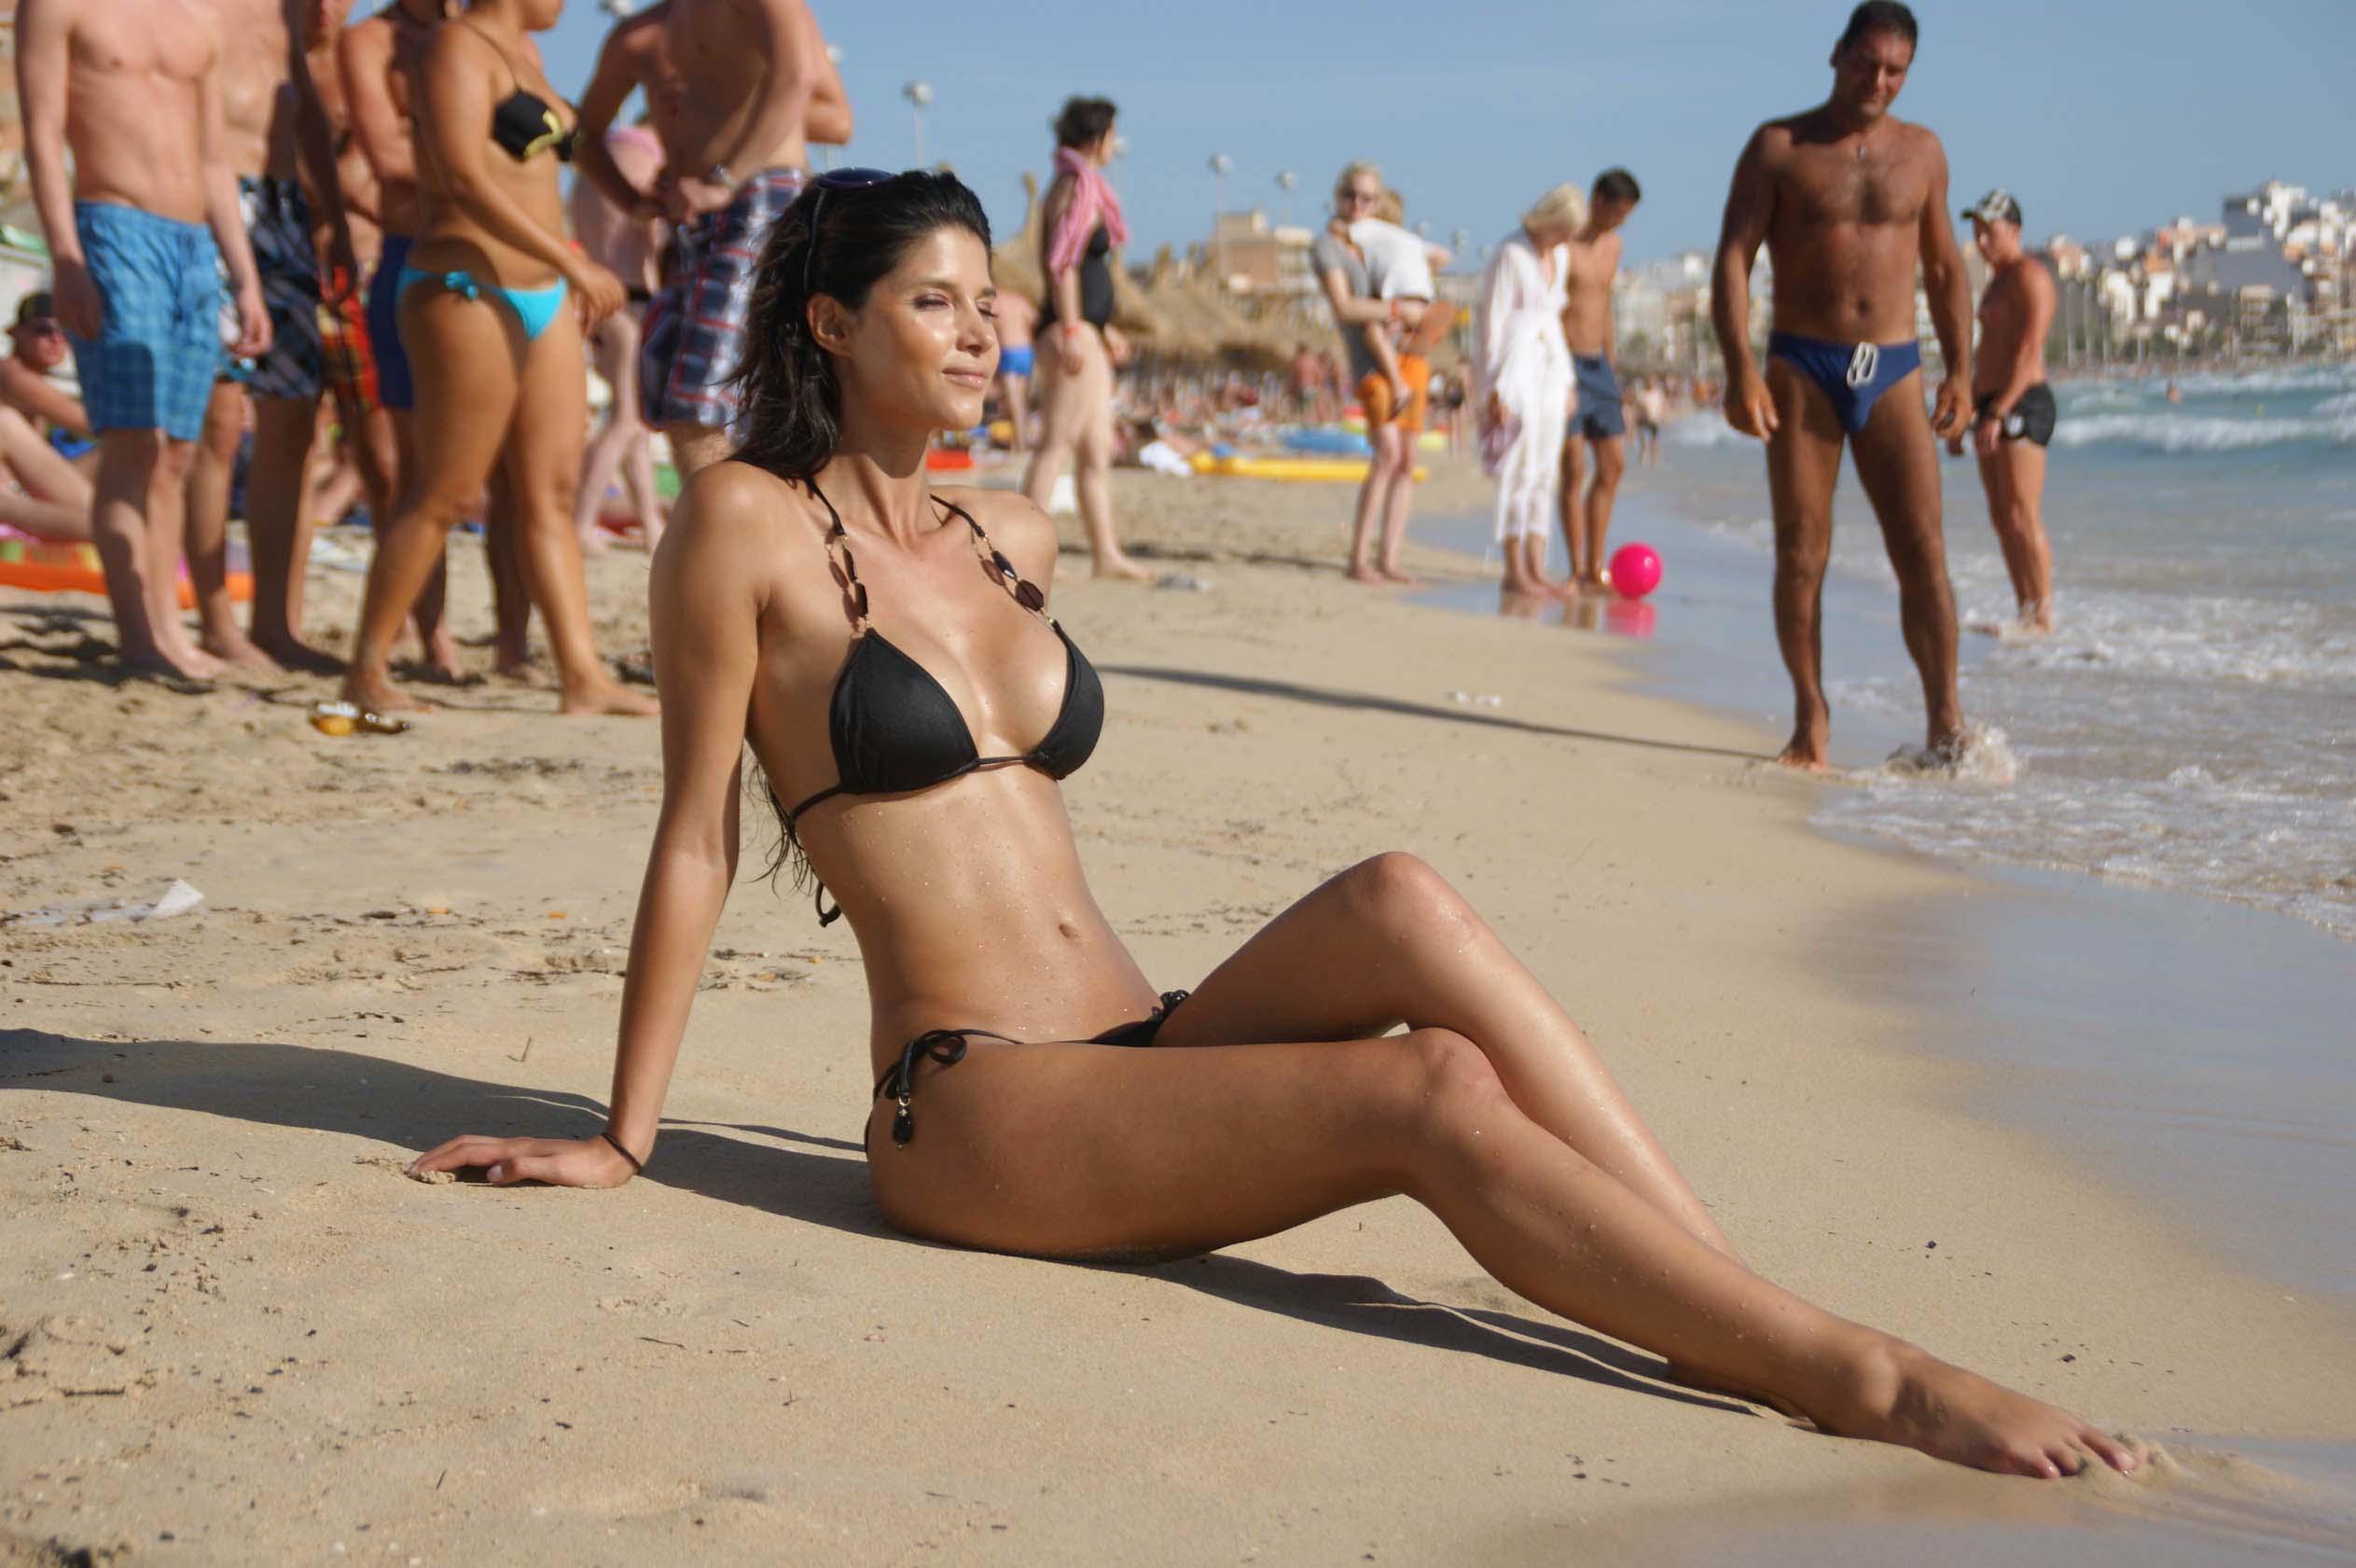 Фото людей на нудистских пляжах 4 фотография